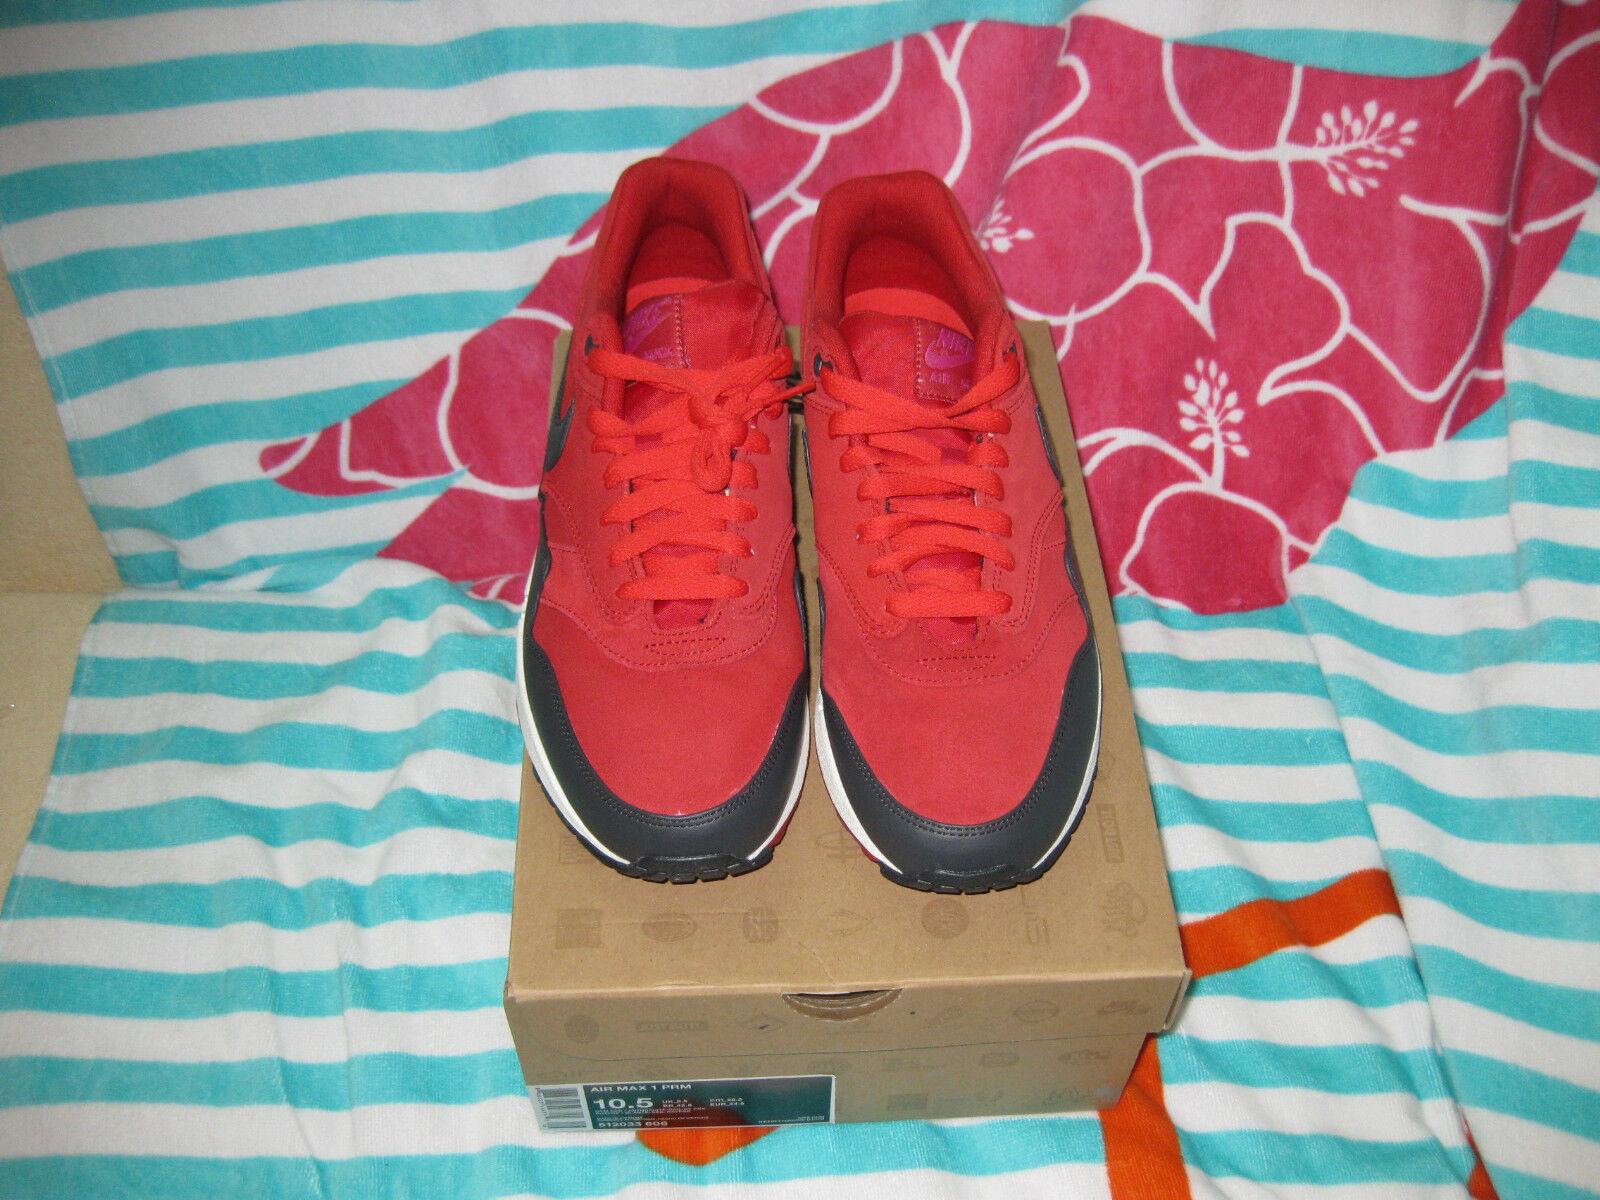 Nike air max 1 premio 512033 606 heron gr / noi noi / 10,5 neu morto stock bc323a